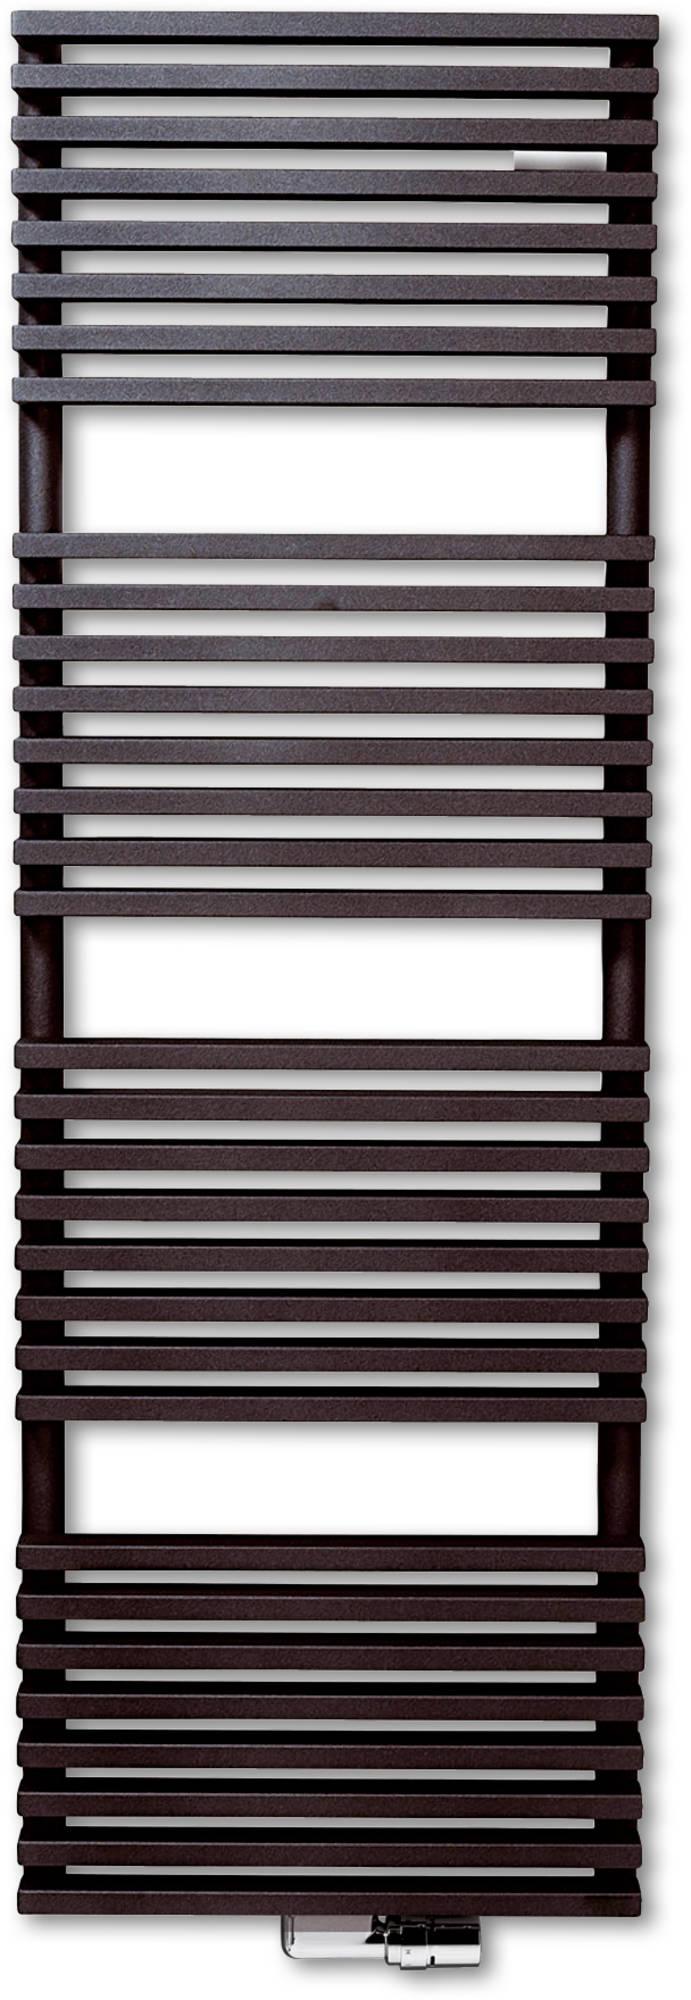 Vasco Zana ZBD radiator 600x1824 mm n40 as=1188 1383w Wit Ral 9016